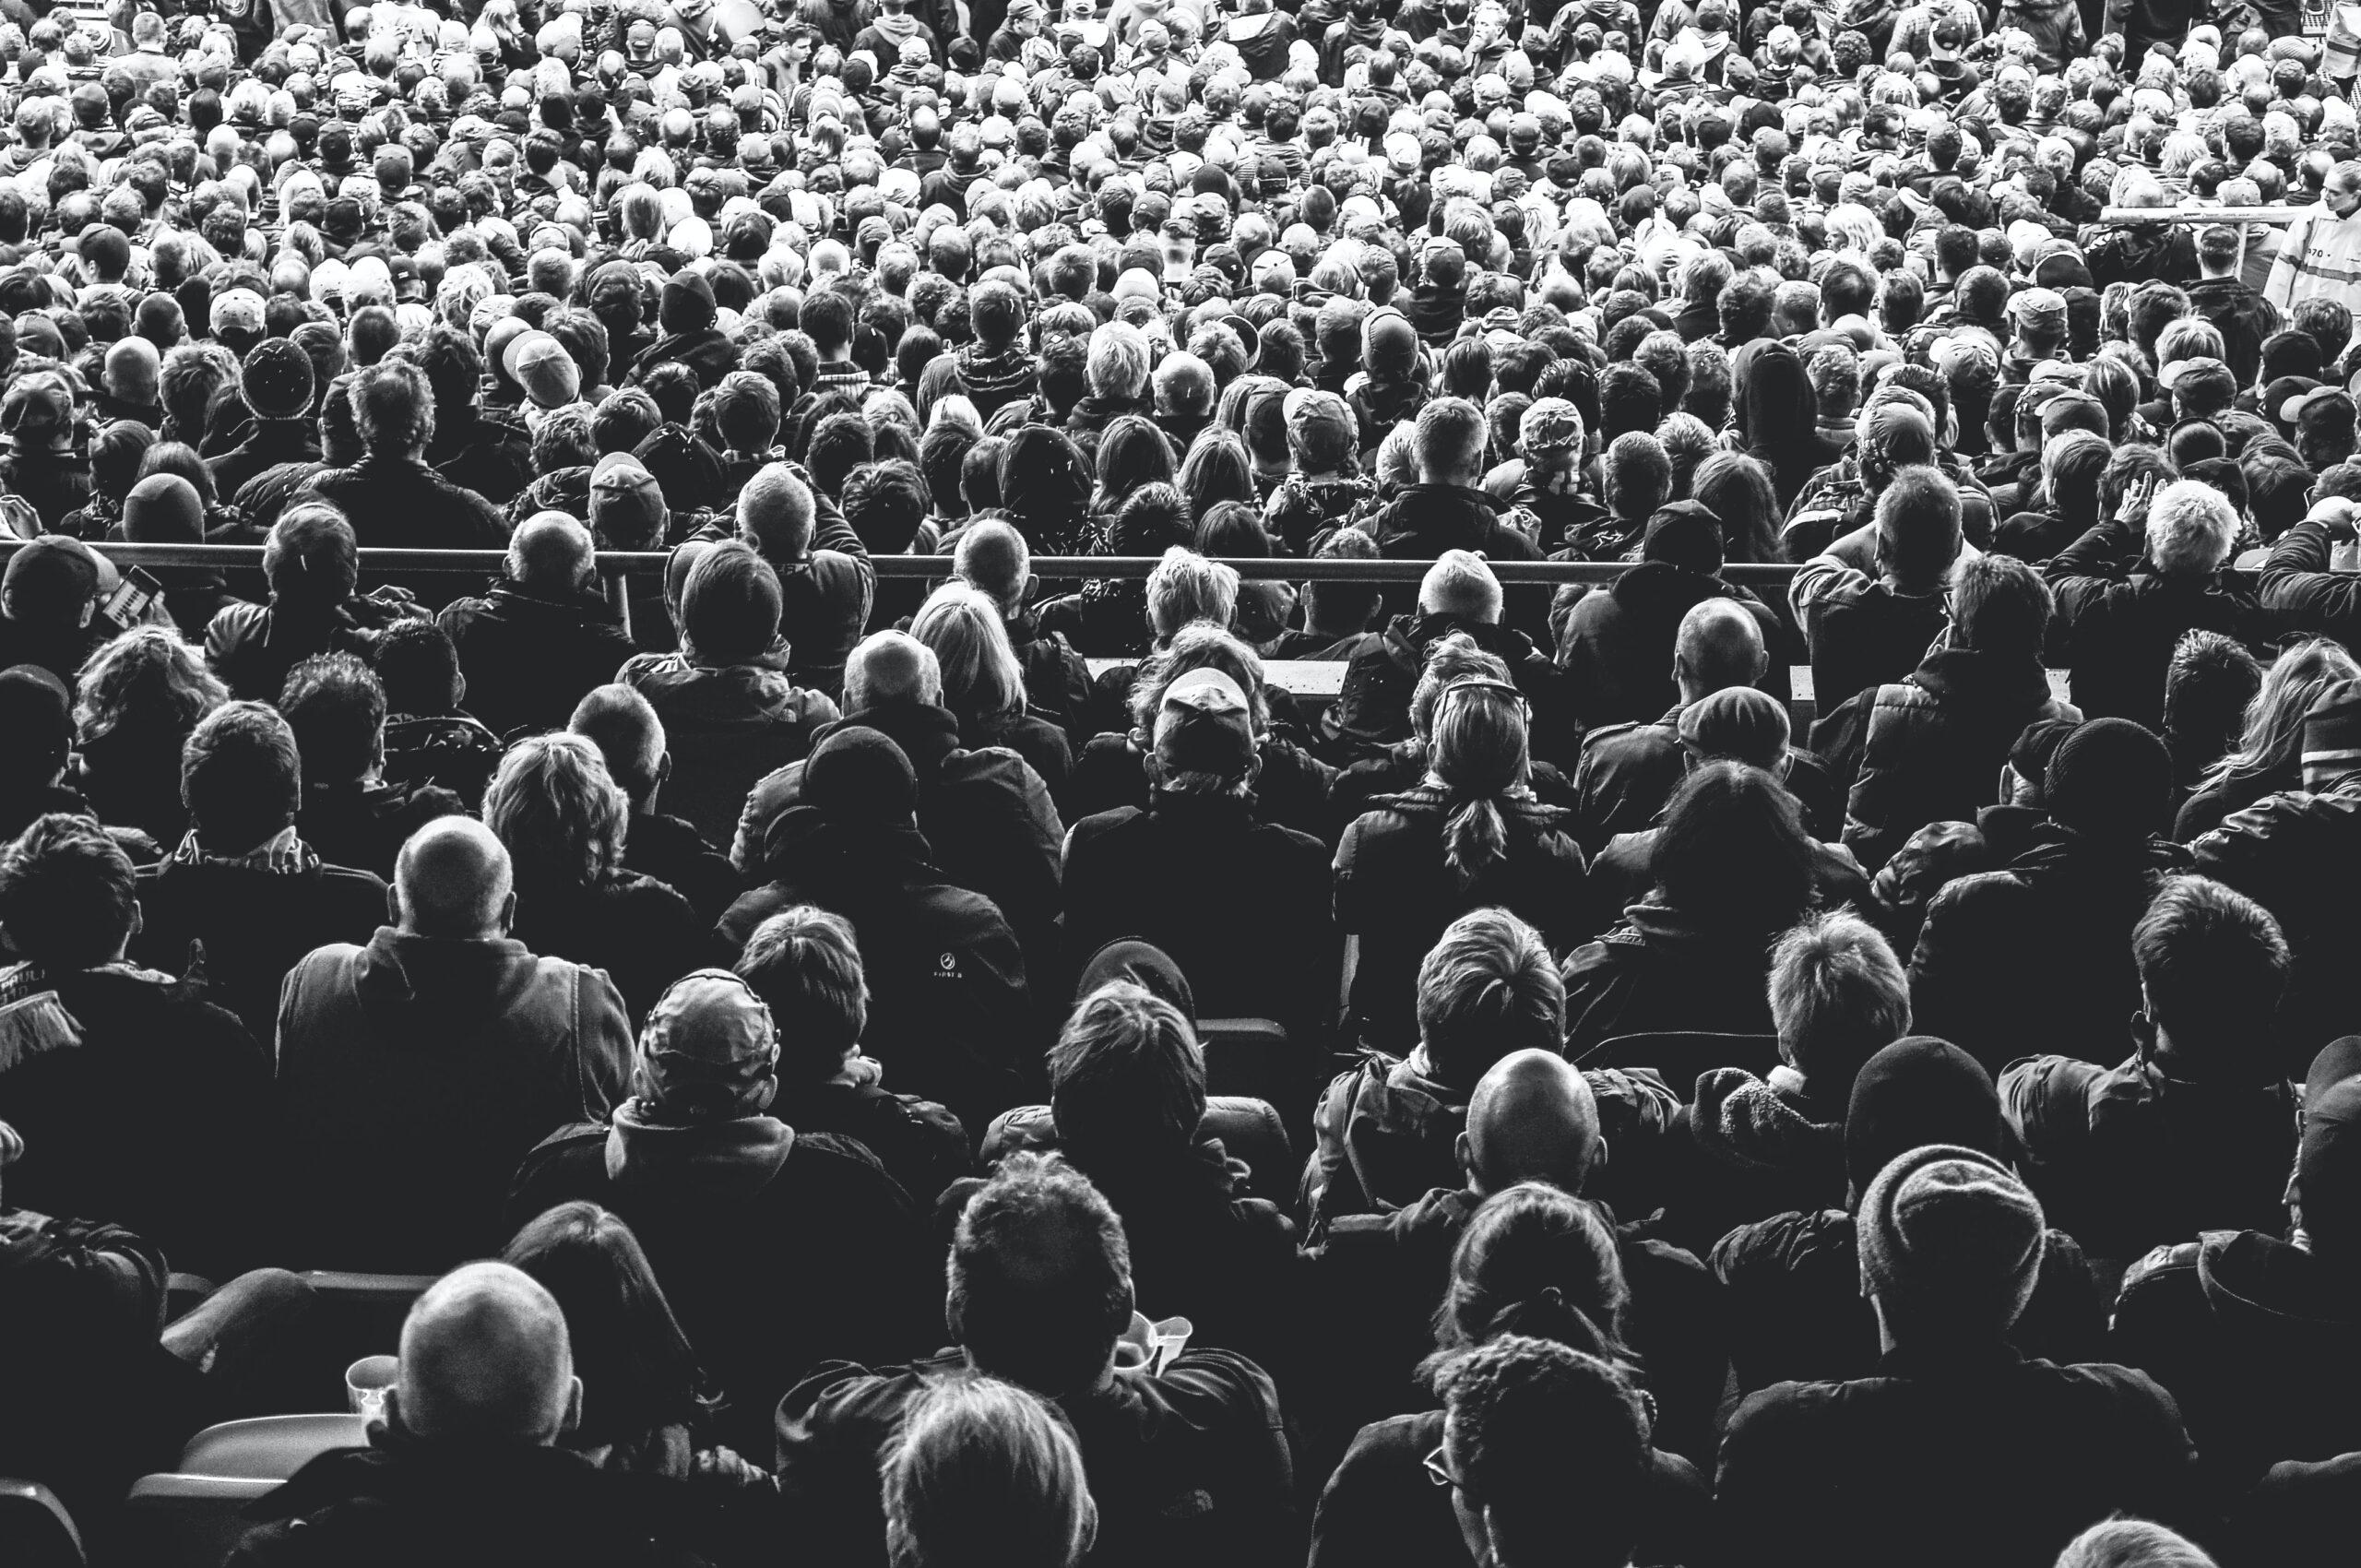 An unthinking crowd